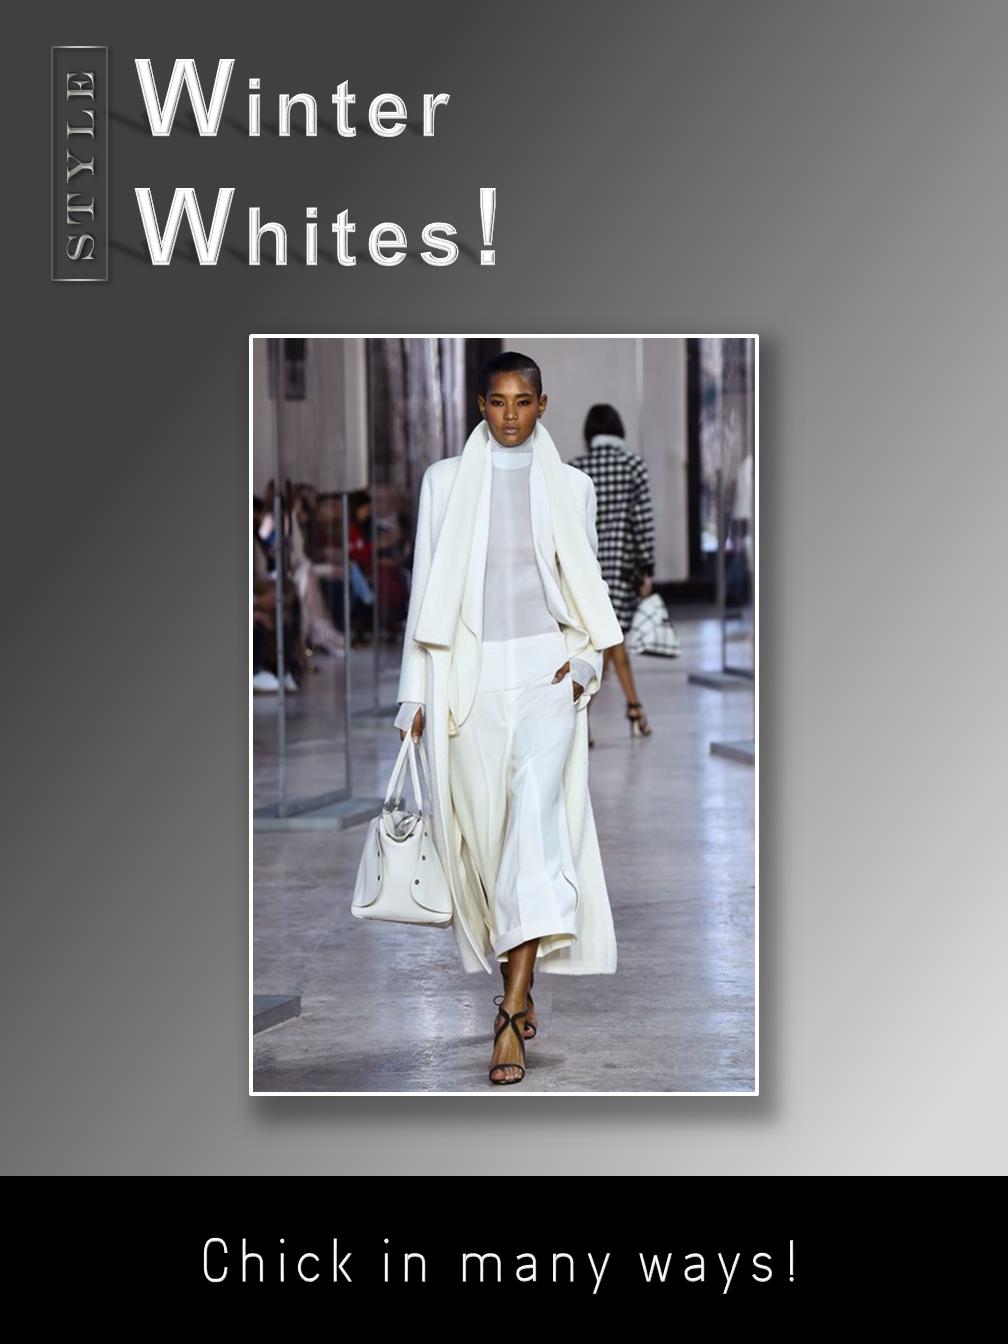 Winter Whites!